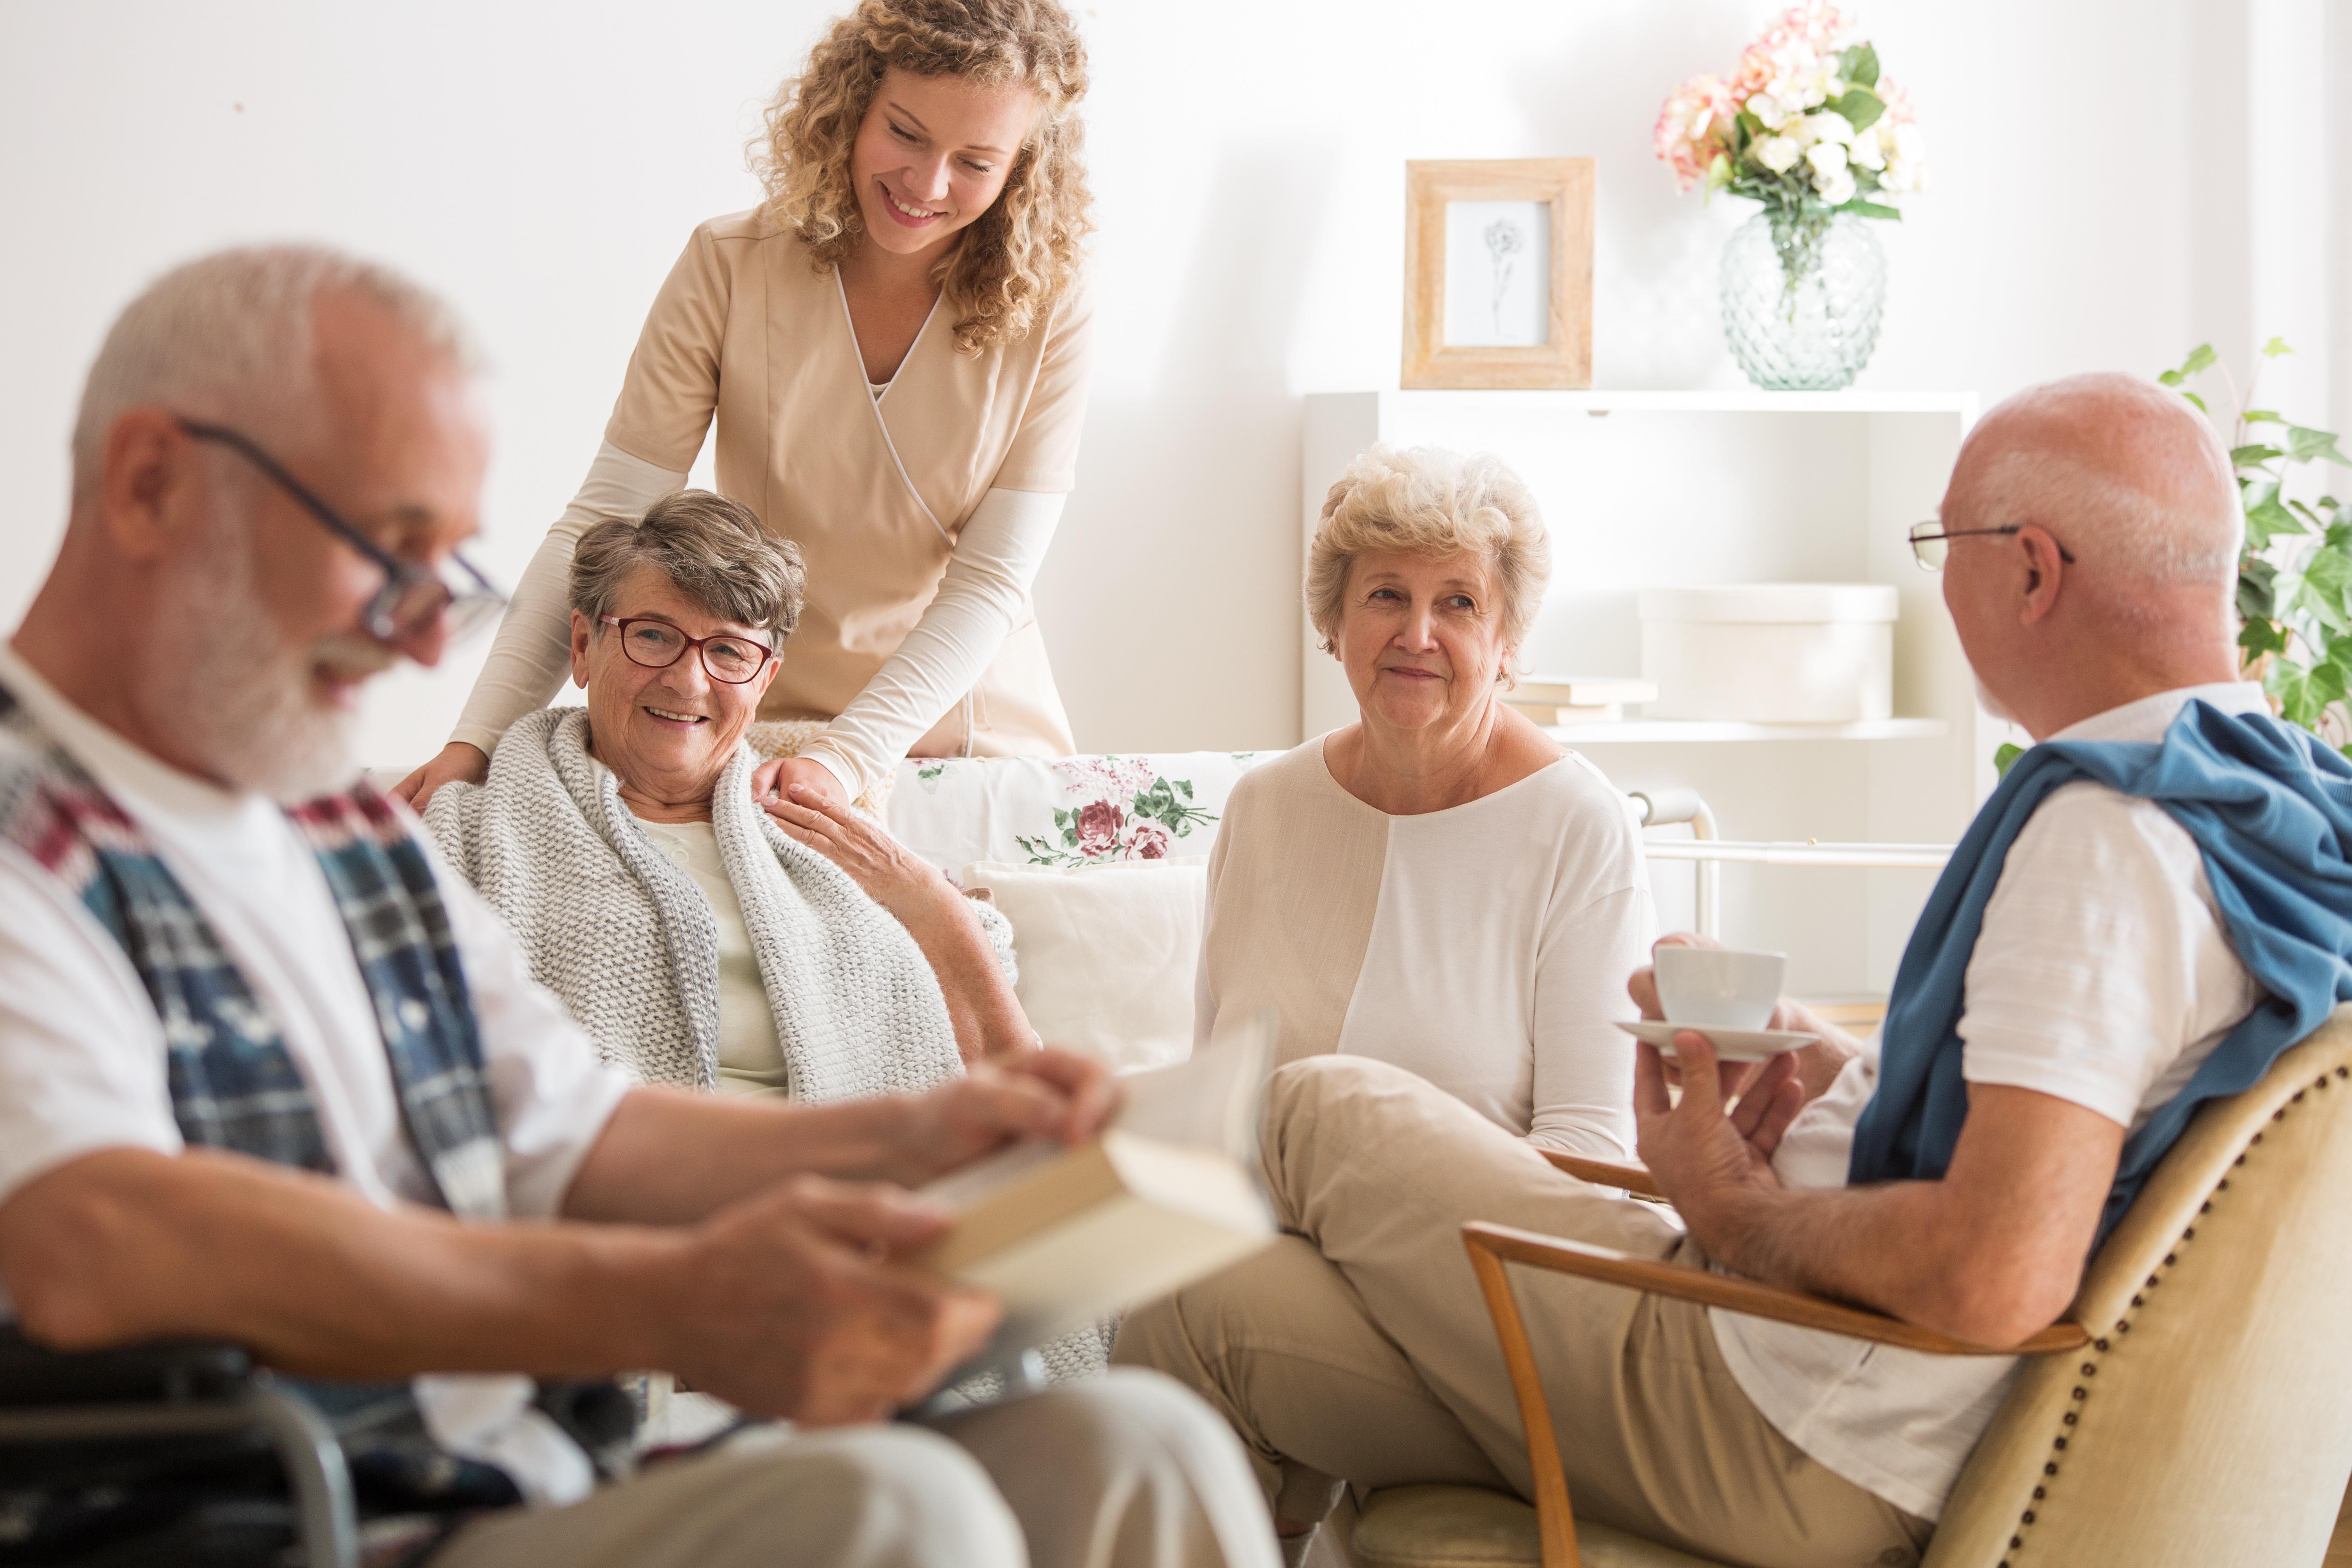 Group of senior friends sitting together at nursing home living room